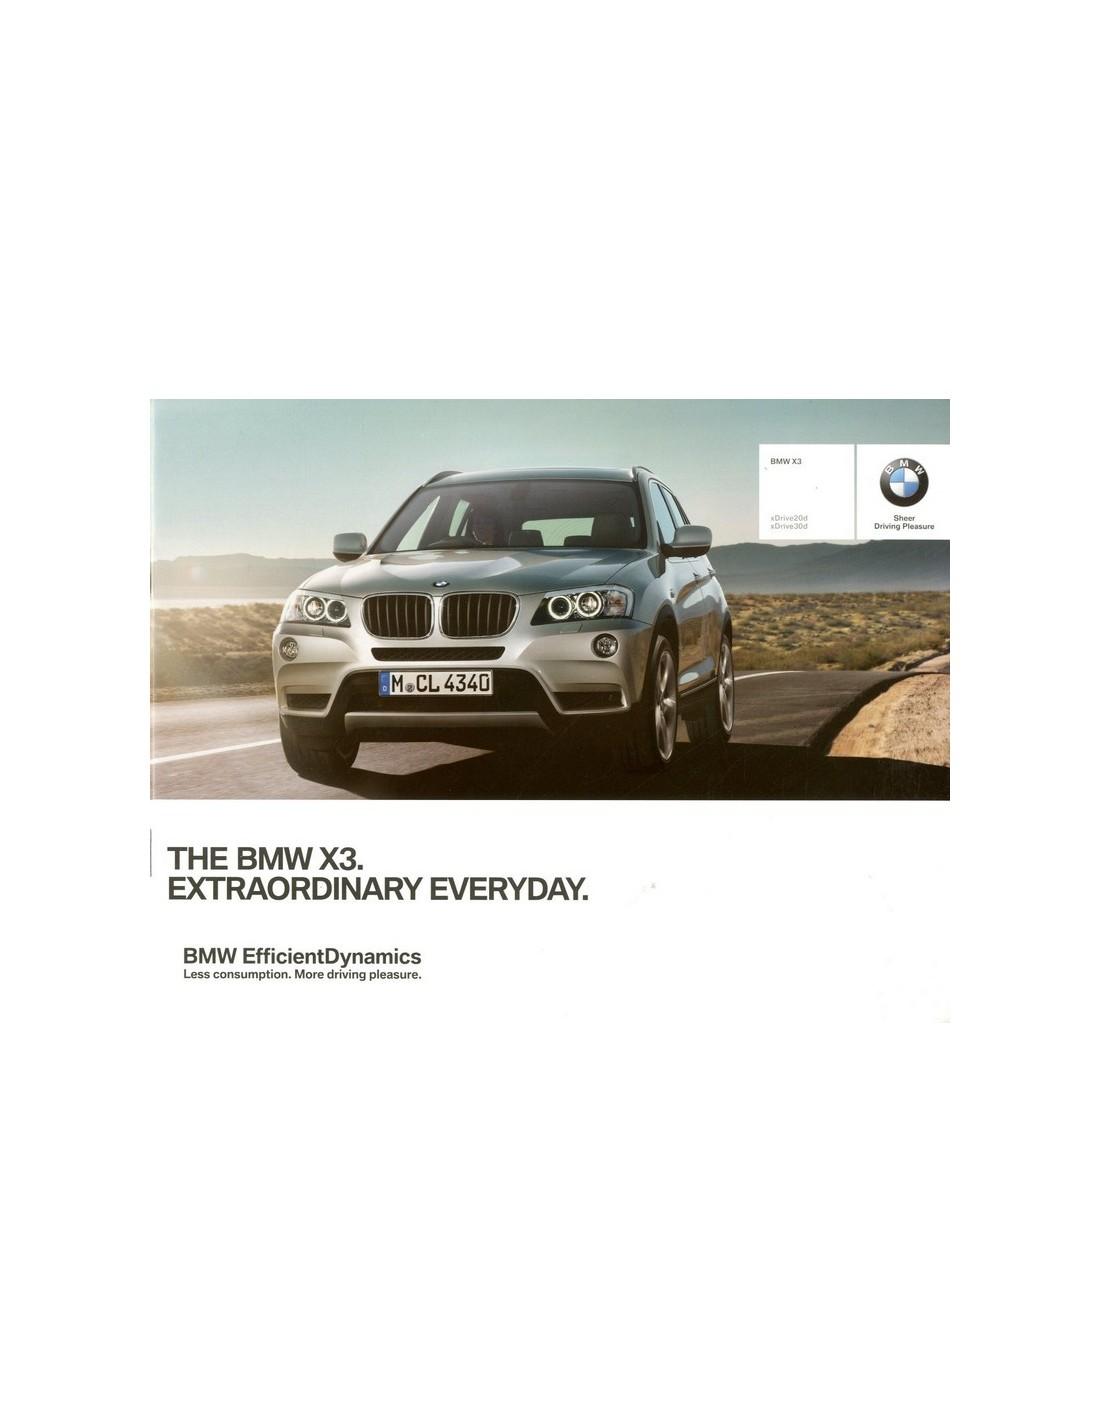 Bmw Z3 Brochure: 2013 BMW X3 BROCHURE ENGELS (INDIA